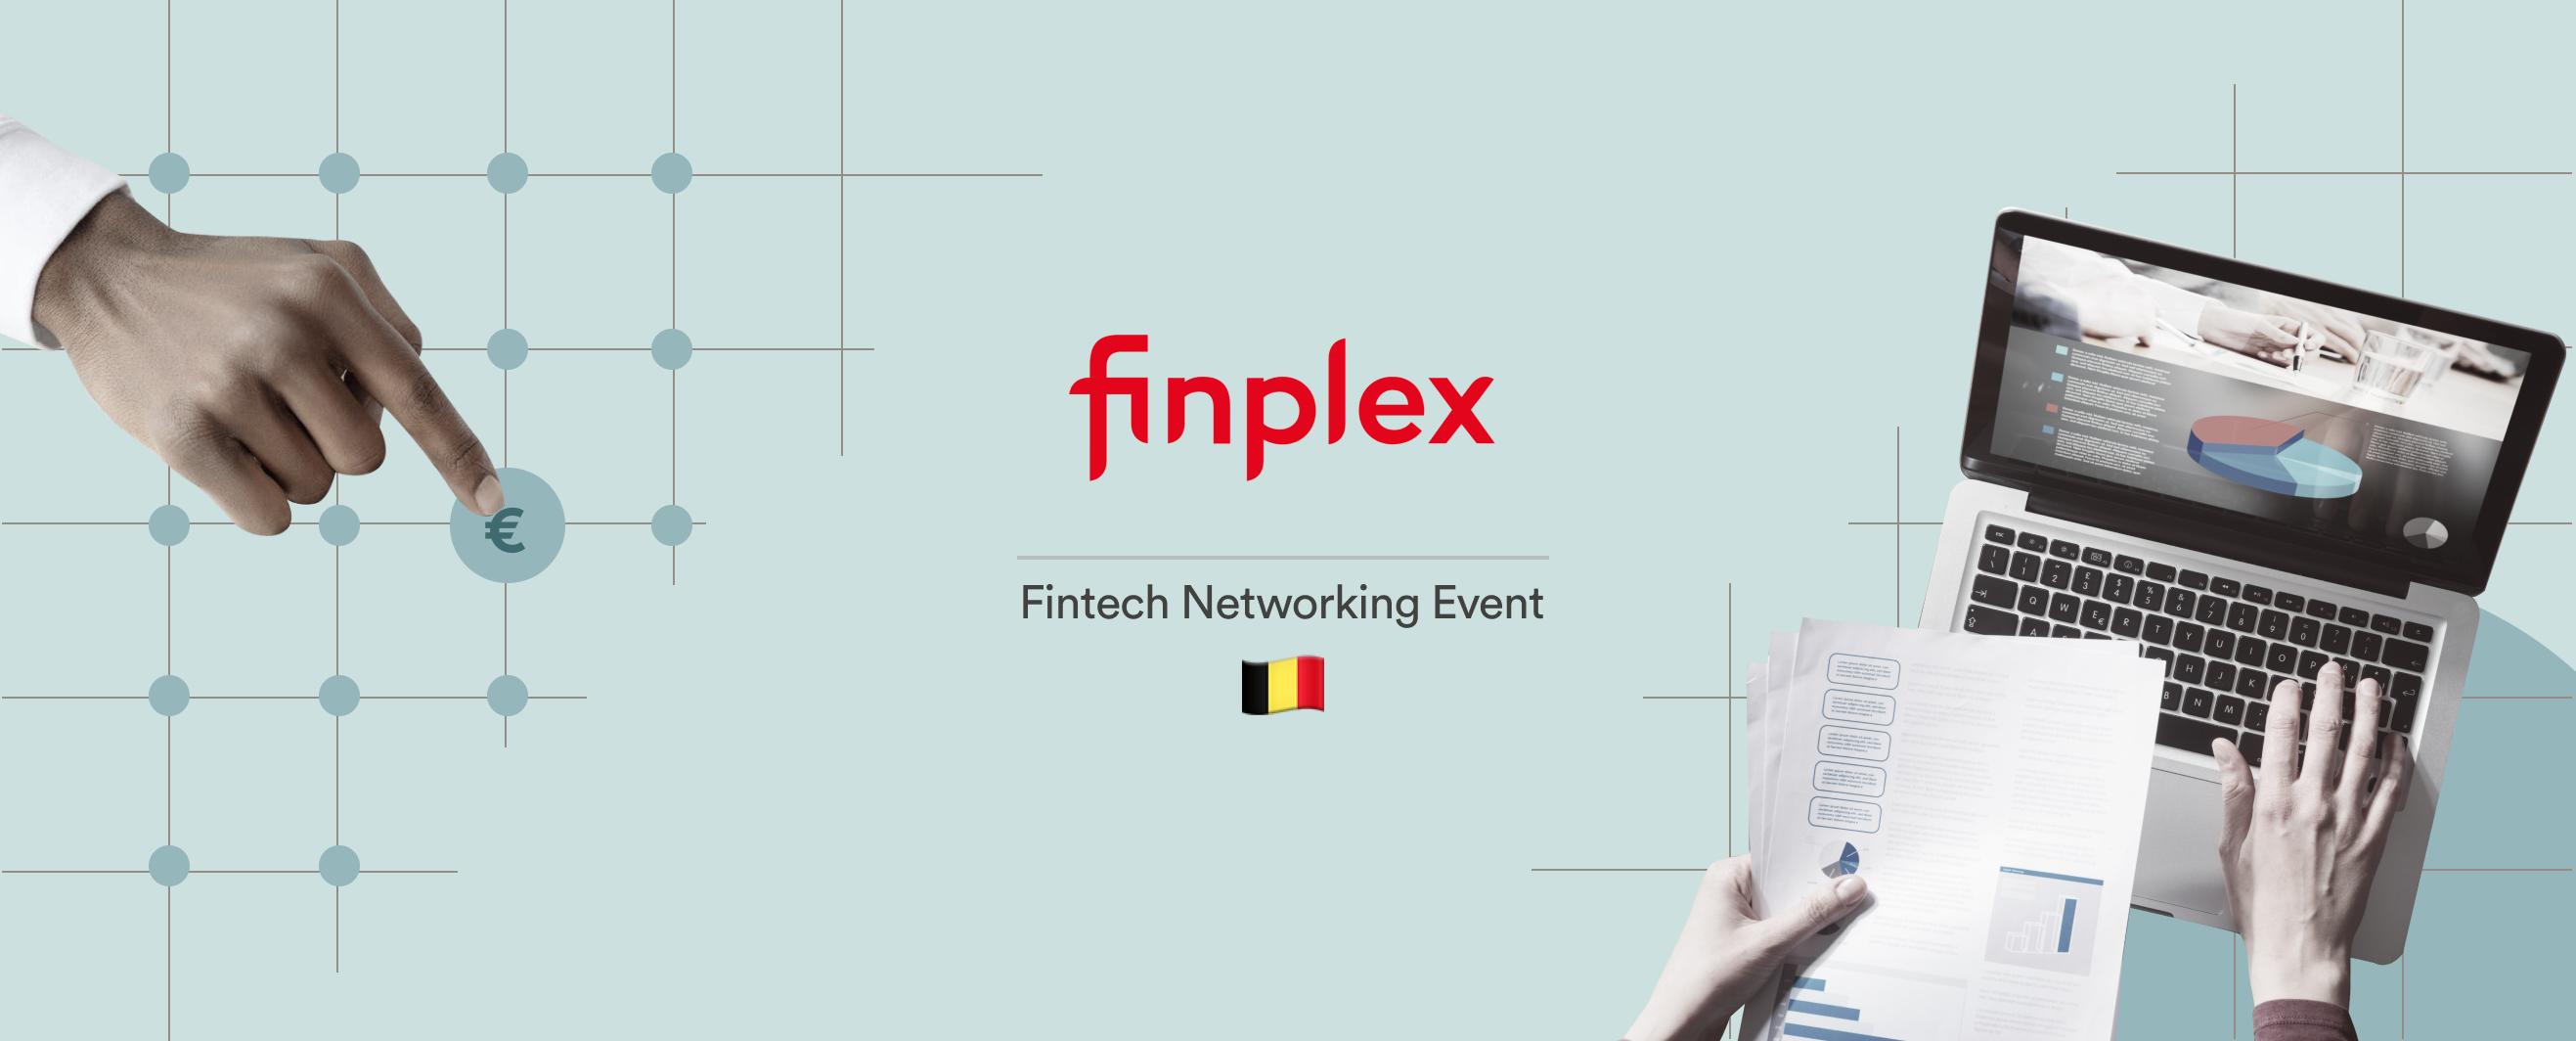 Finplex & Airmeet